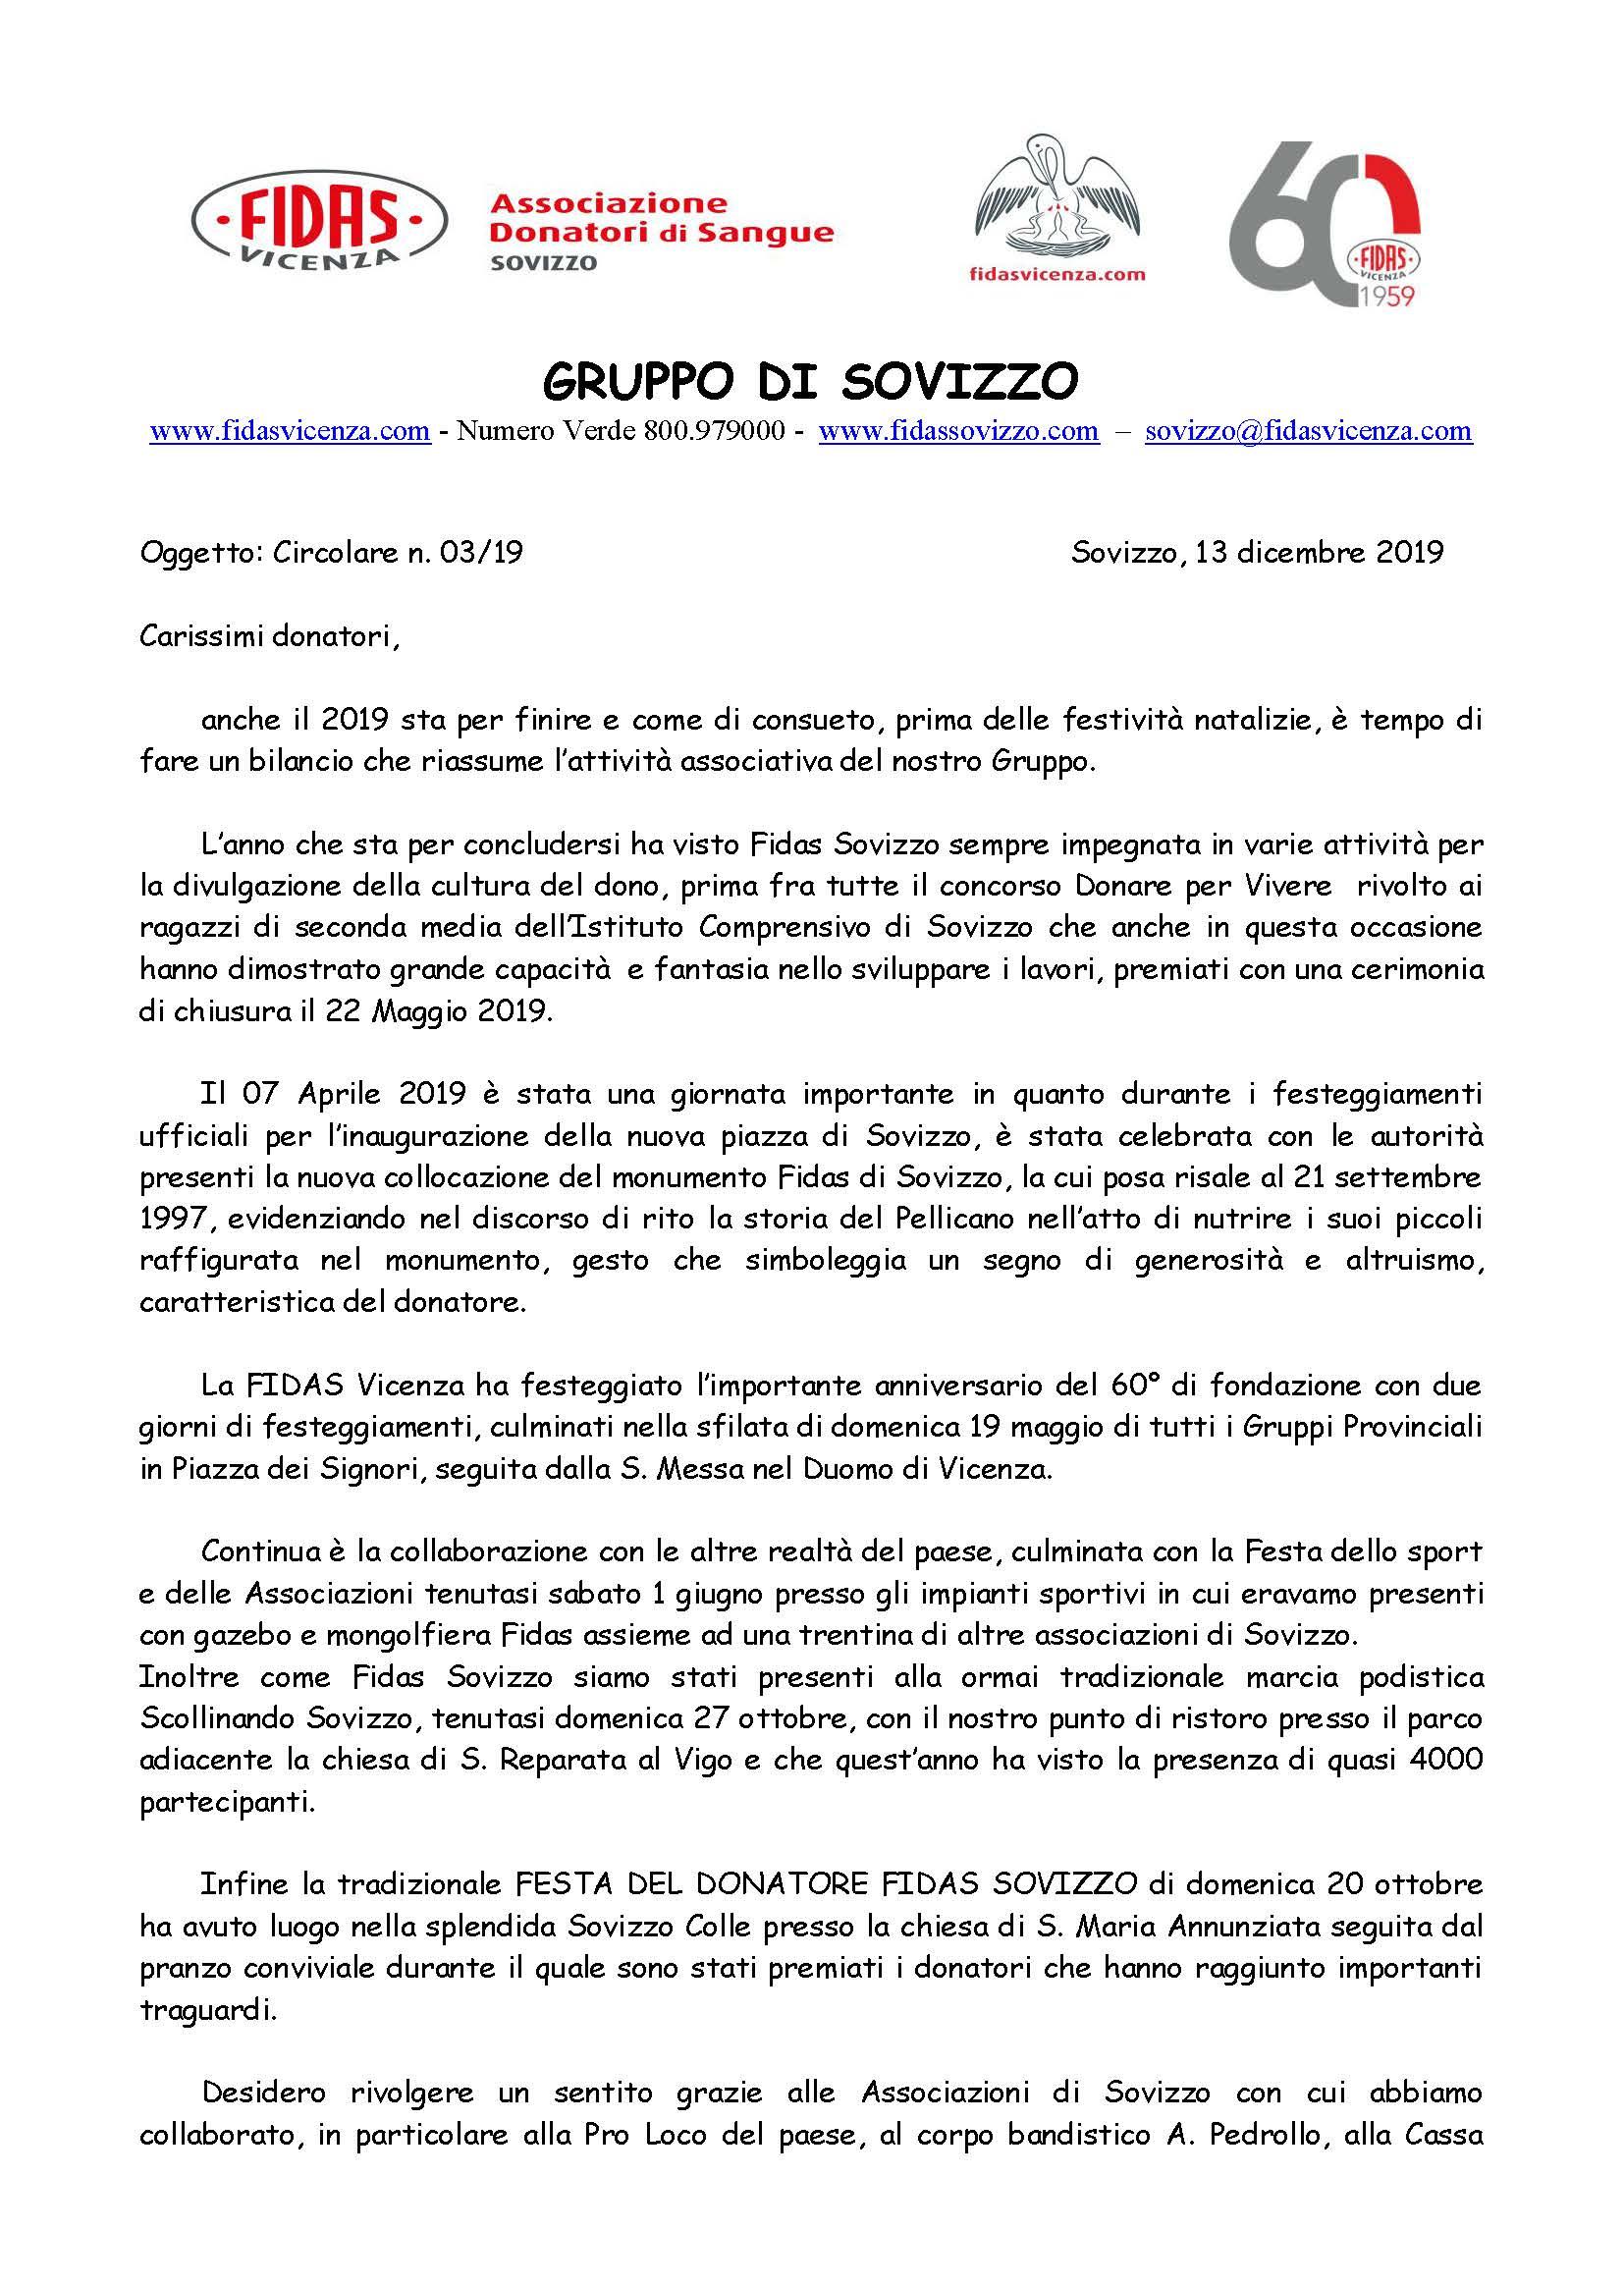 Circolare Fidas Sovizzo  03 -2019_Pagina_1